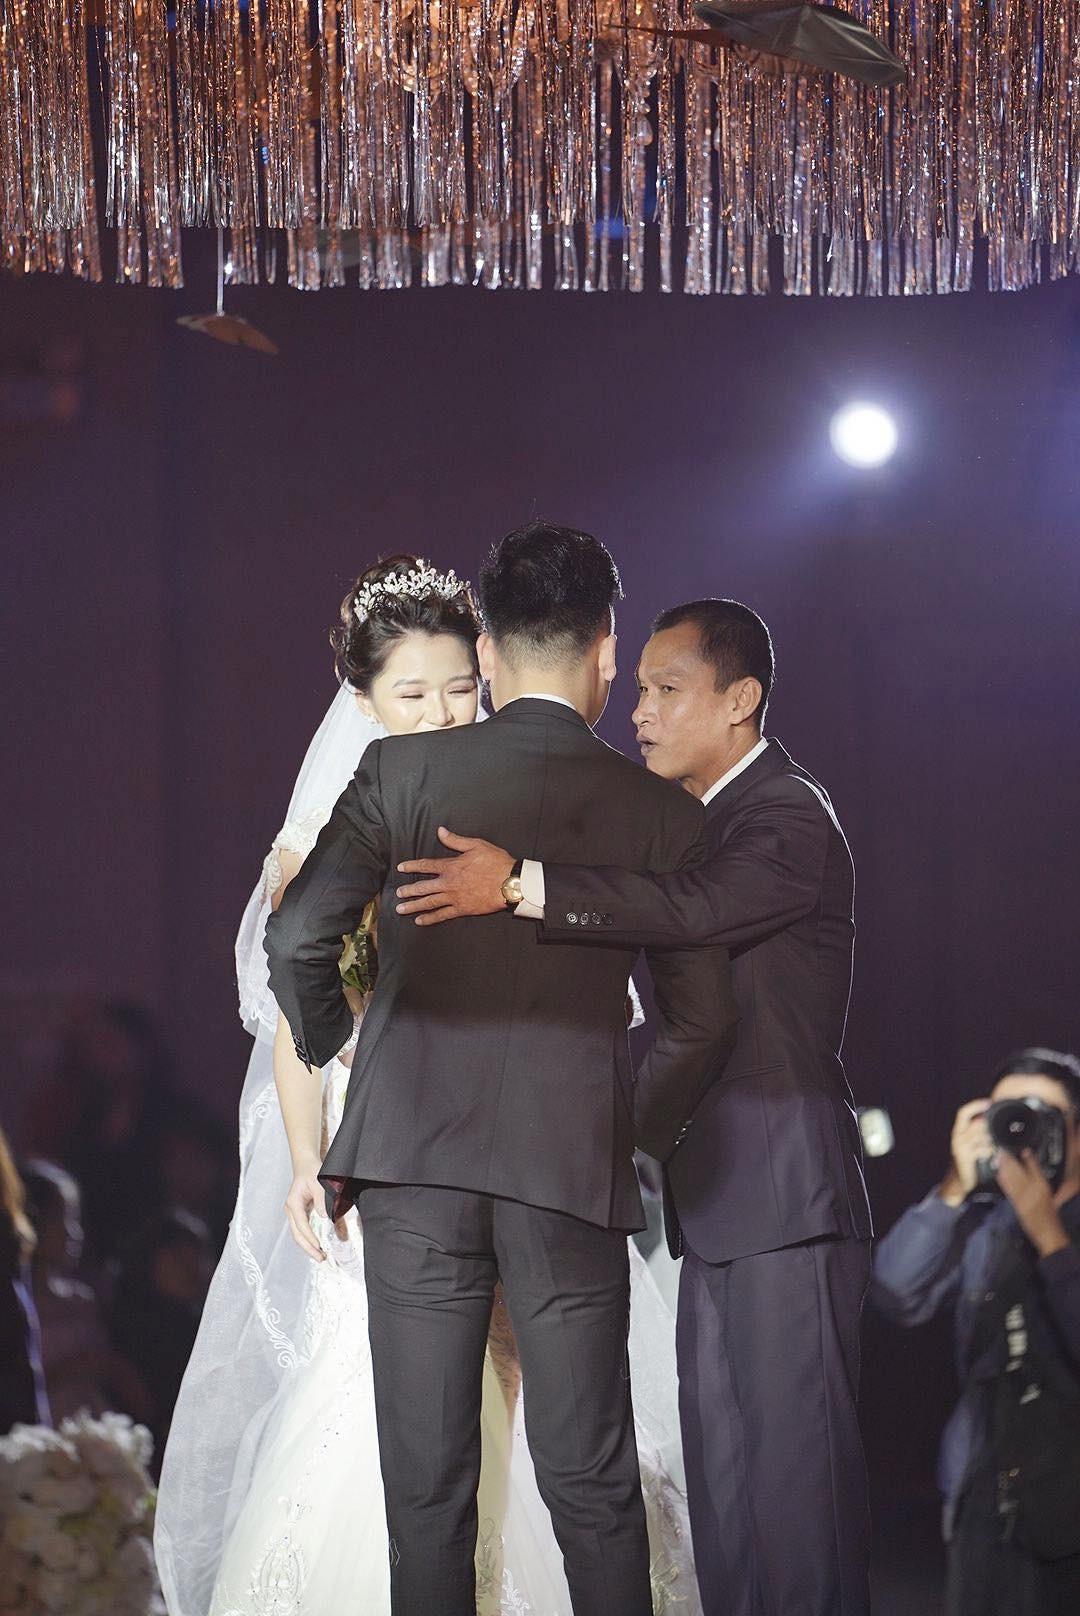 Huyền Trang Bất Hối chốt hạ năm 2018 bằng đám cưới cực viên mãn - Ảnh 7.